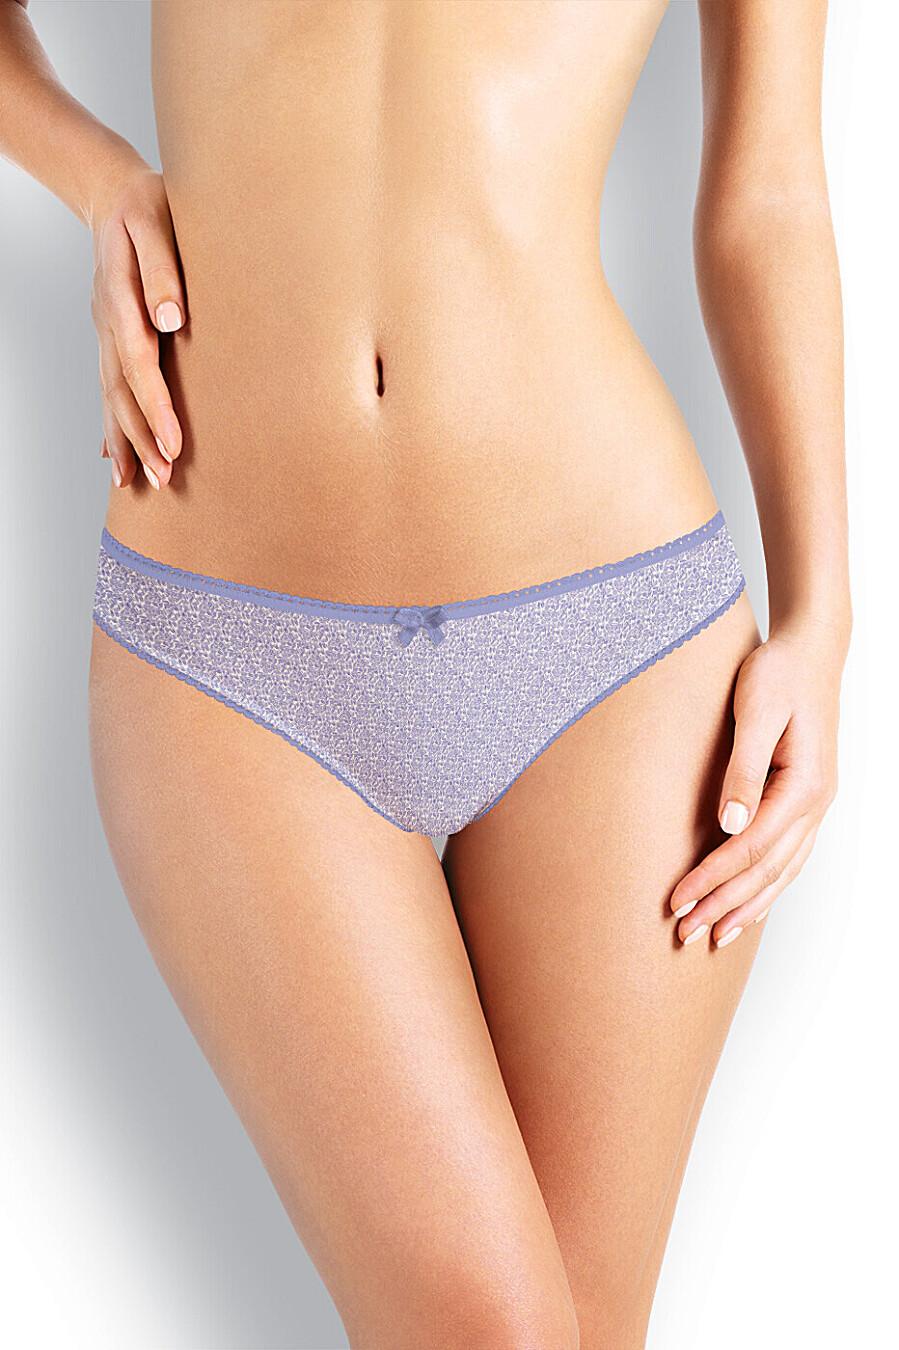 Трусы для женщин CLEVER 219622 купить оптом от производителя. Совместная покупка женской одежды в OptMoyo